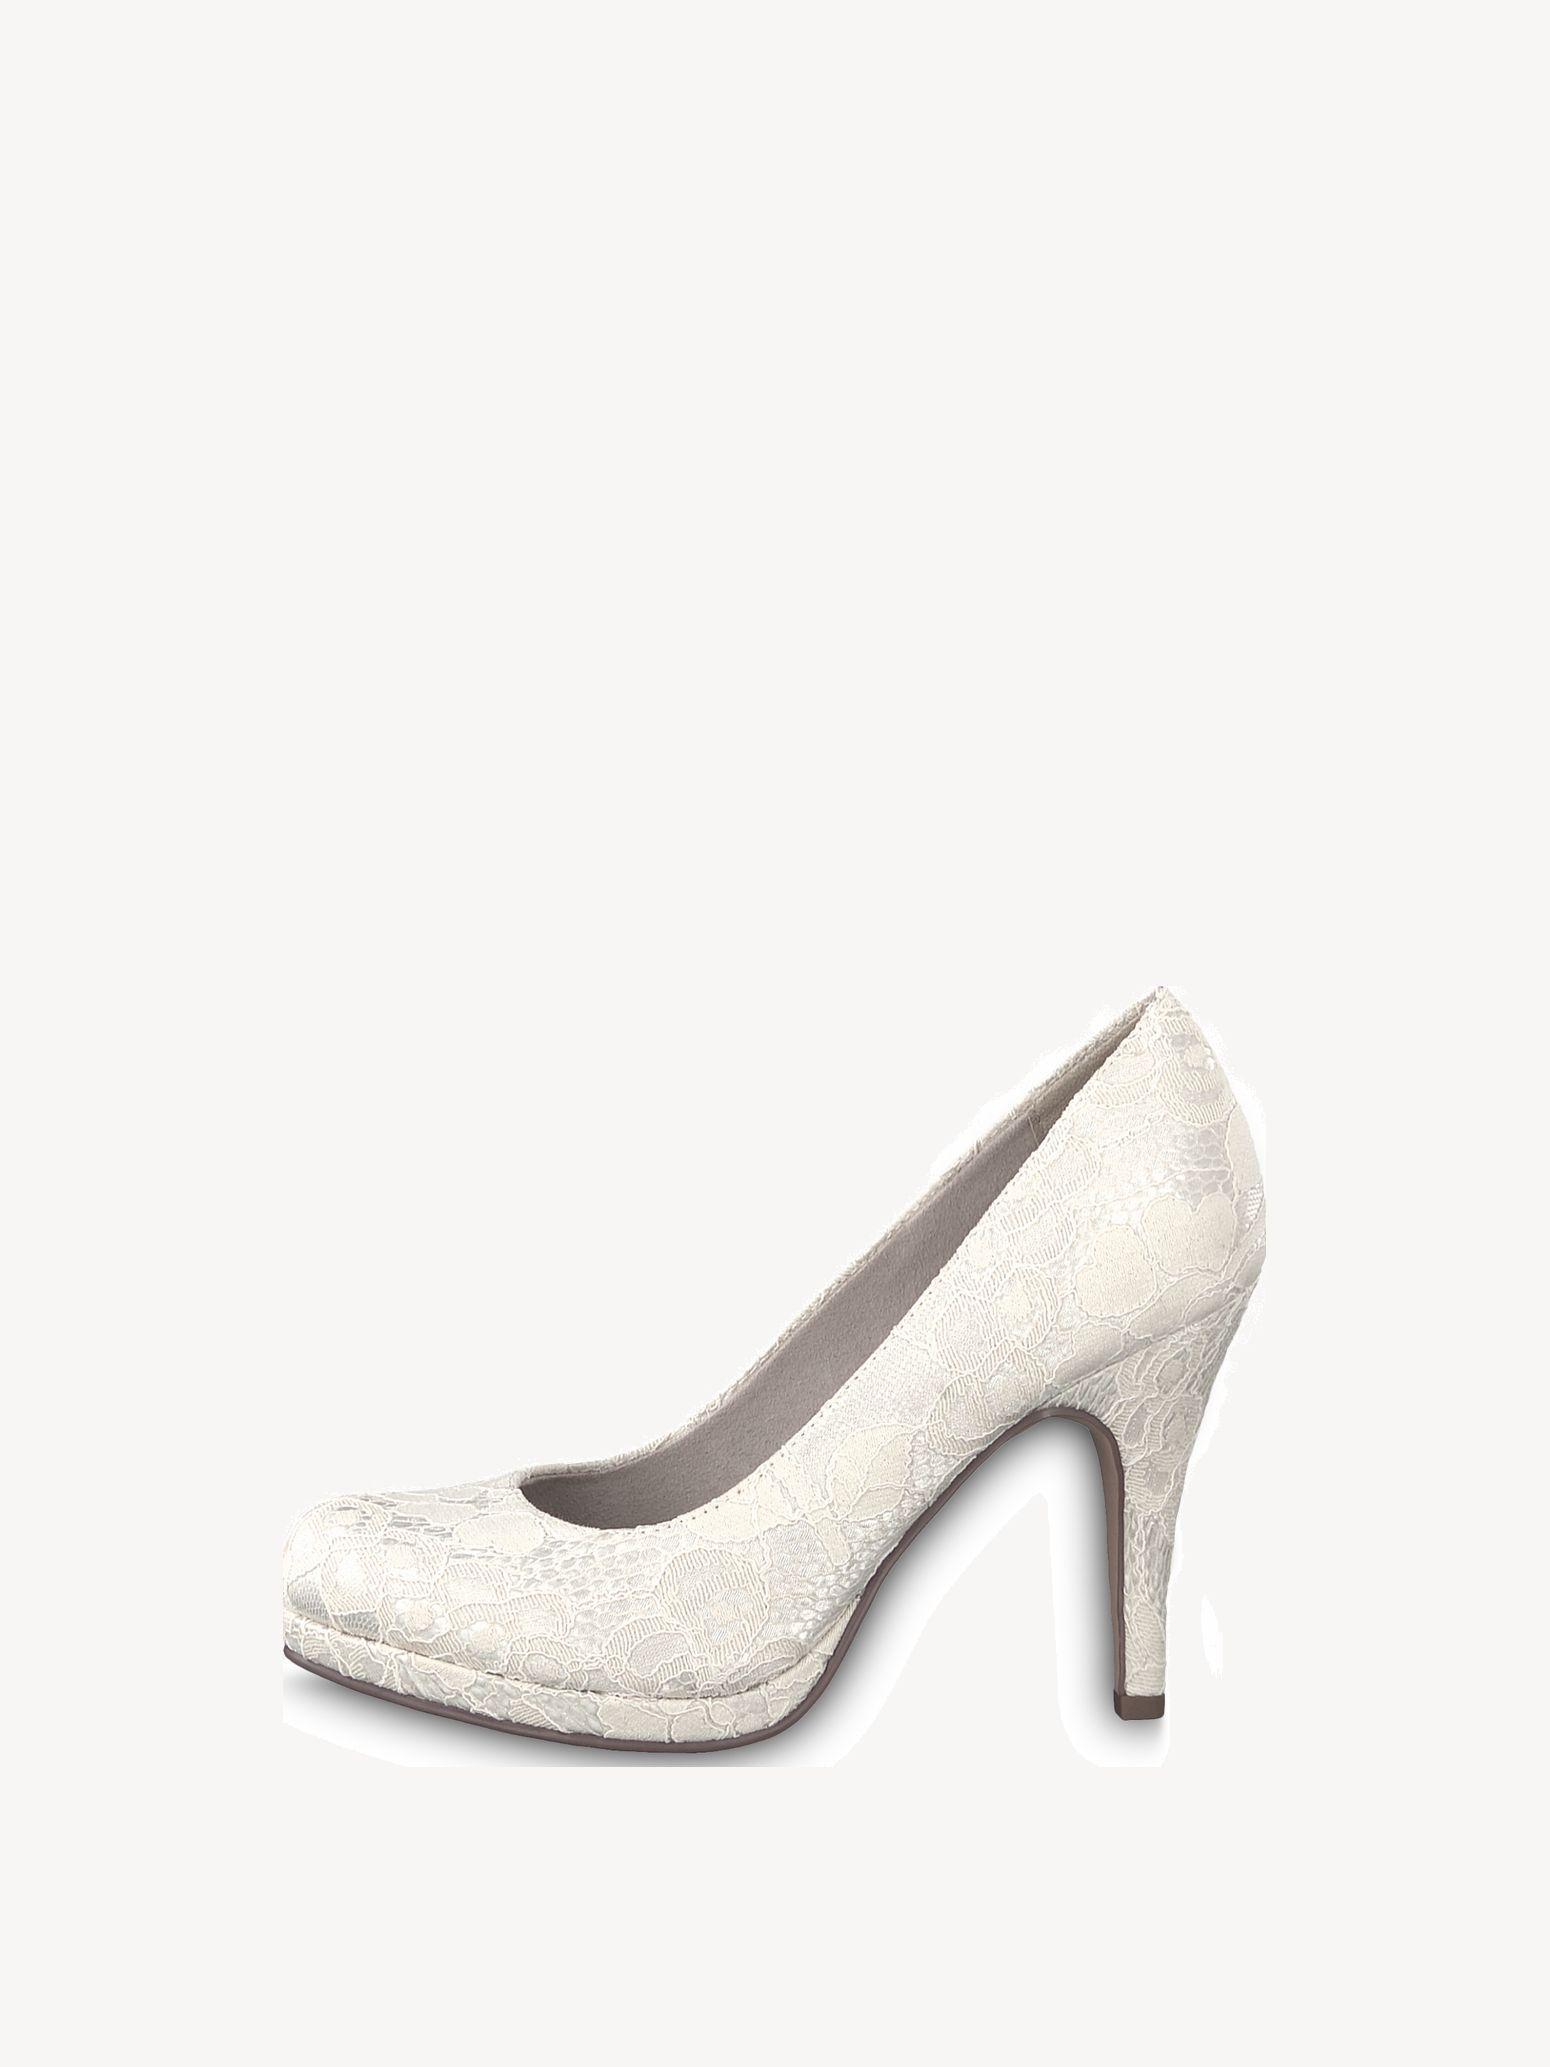 Tamaris High Heels & Stiletto Pumps günstig online kaufen